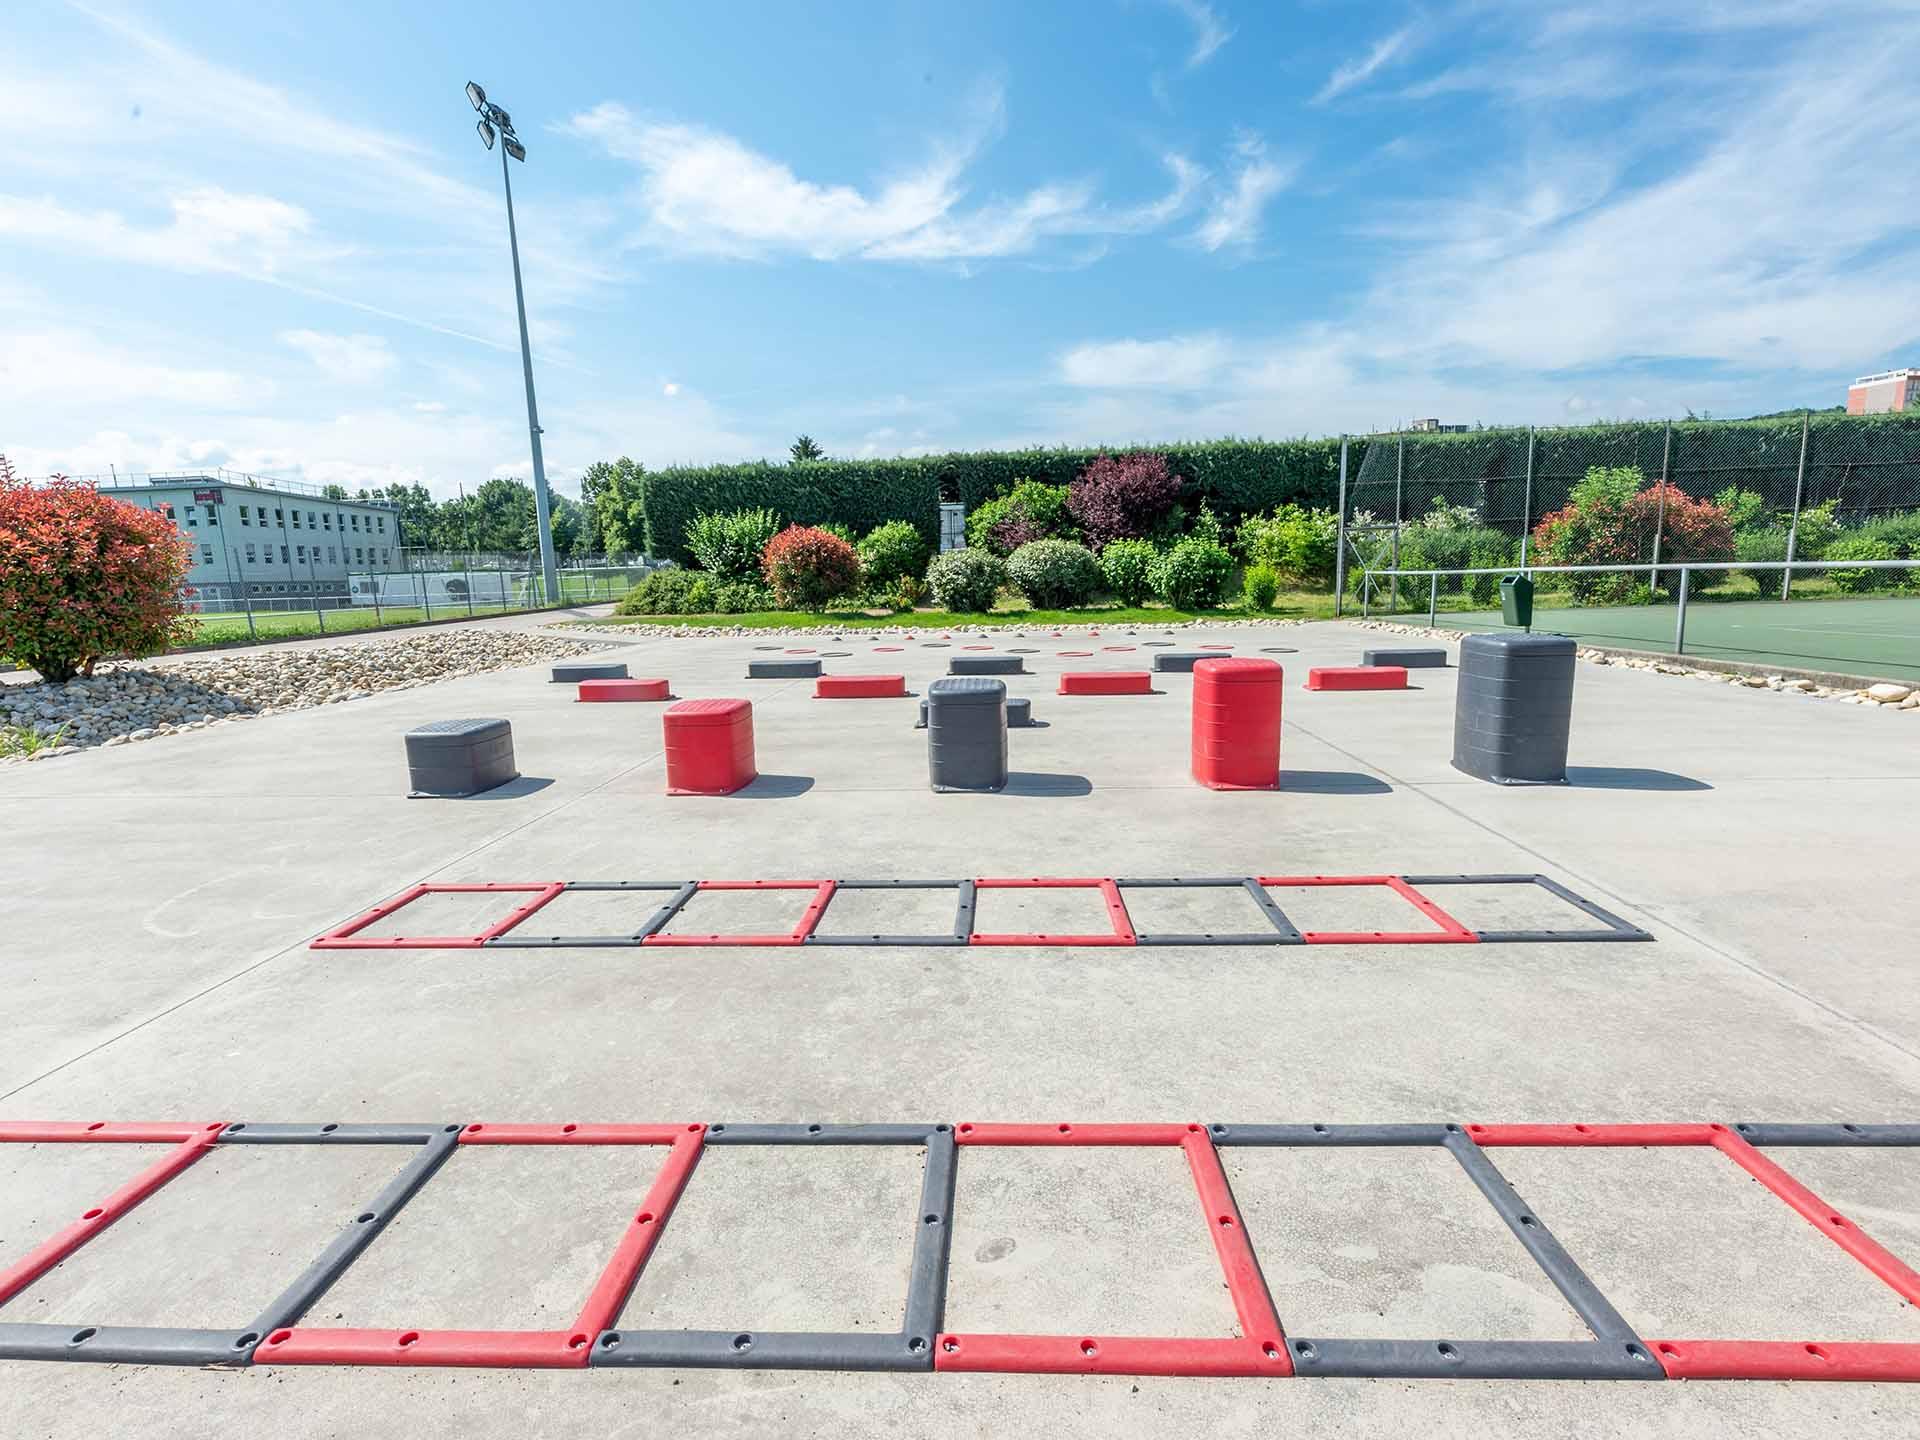 Photo des éléments de motricité de l'aire de fitness du stade de l'Etivallière